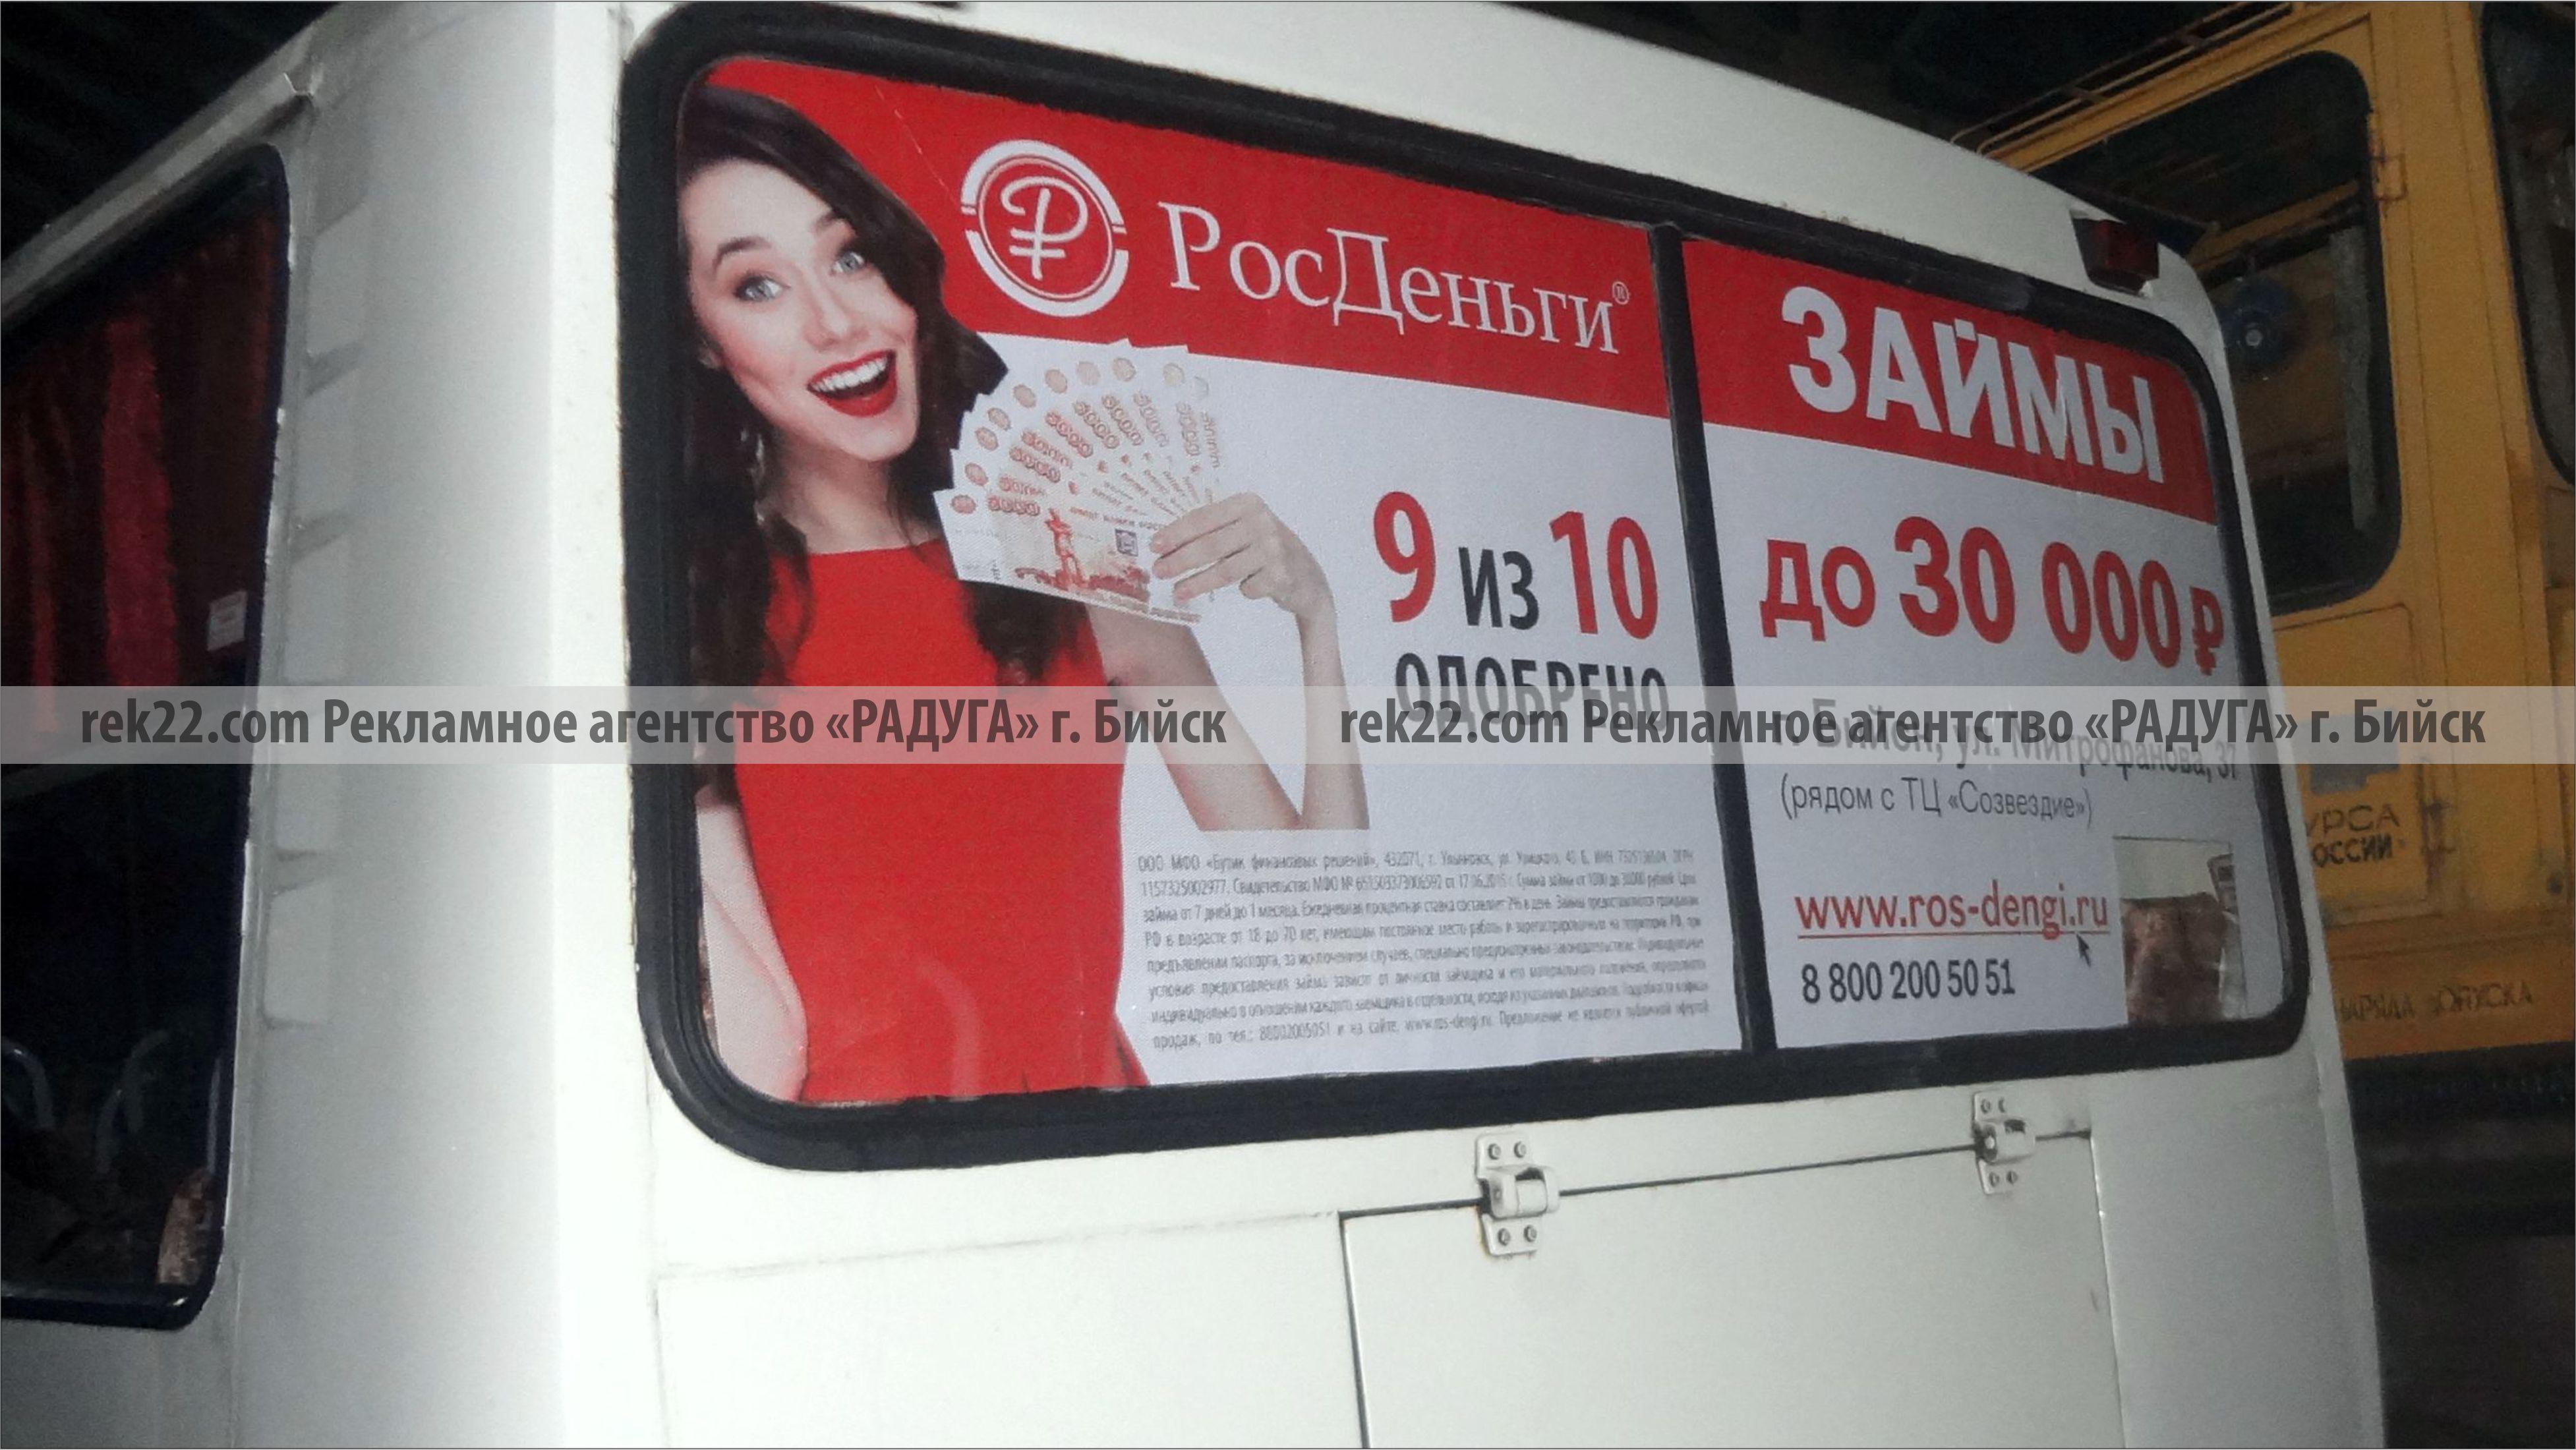 Реклама на транспорте Бийск - бортах, задних стеклах - 2